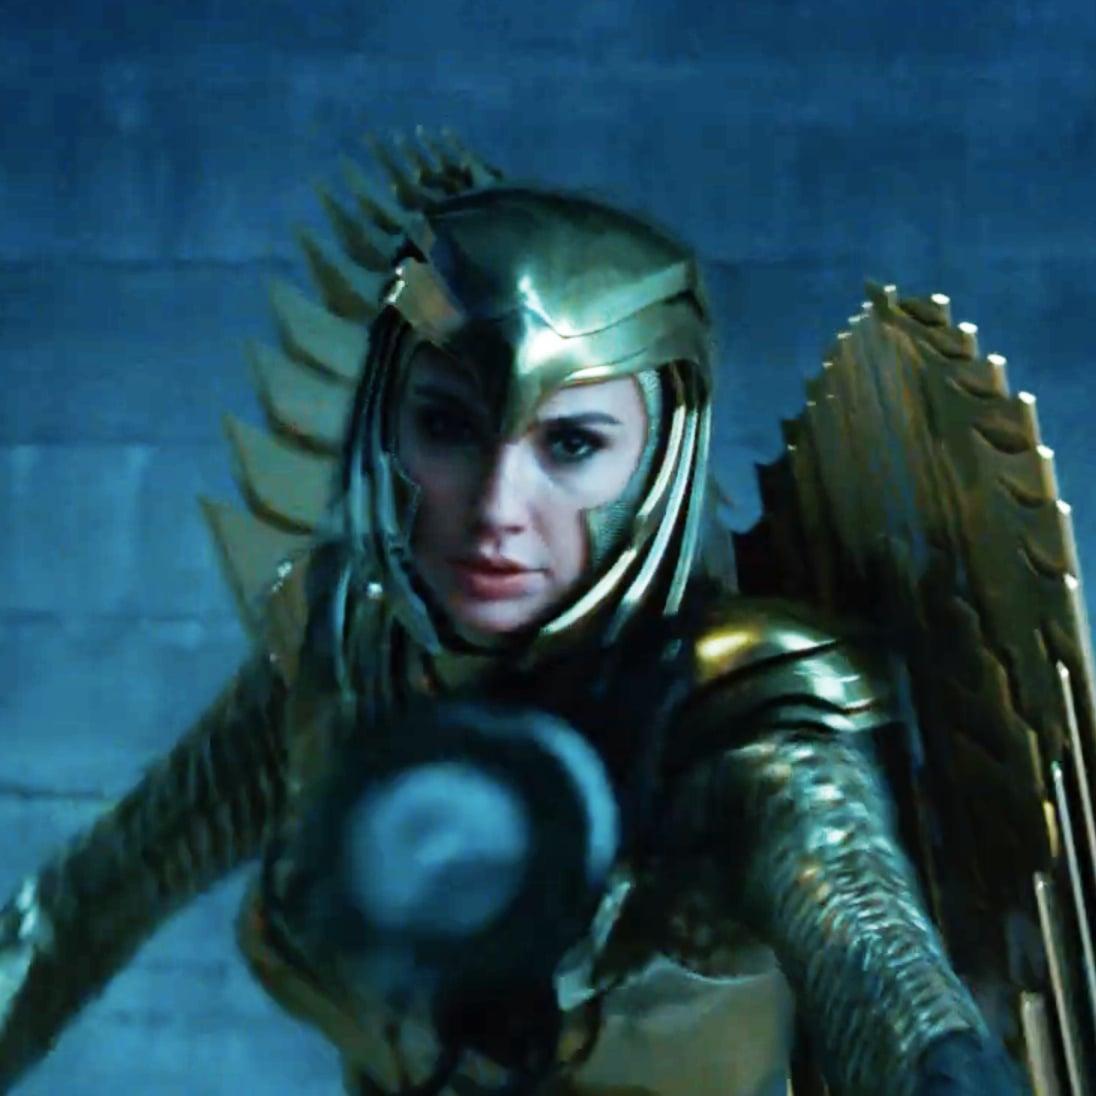 wonder-woman-1984-movie-trailer.jpg